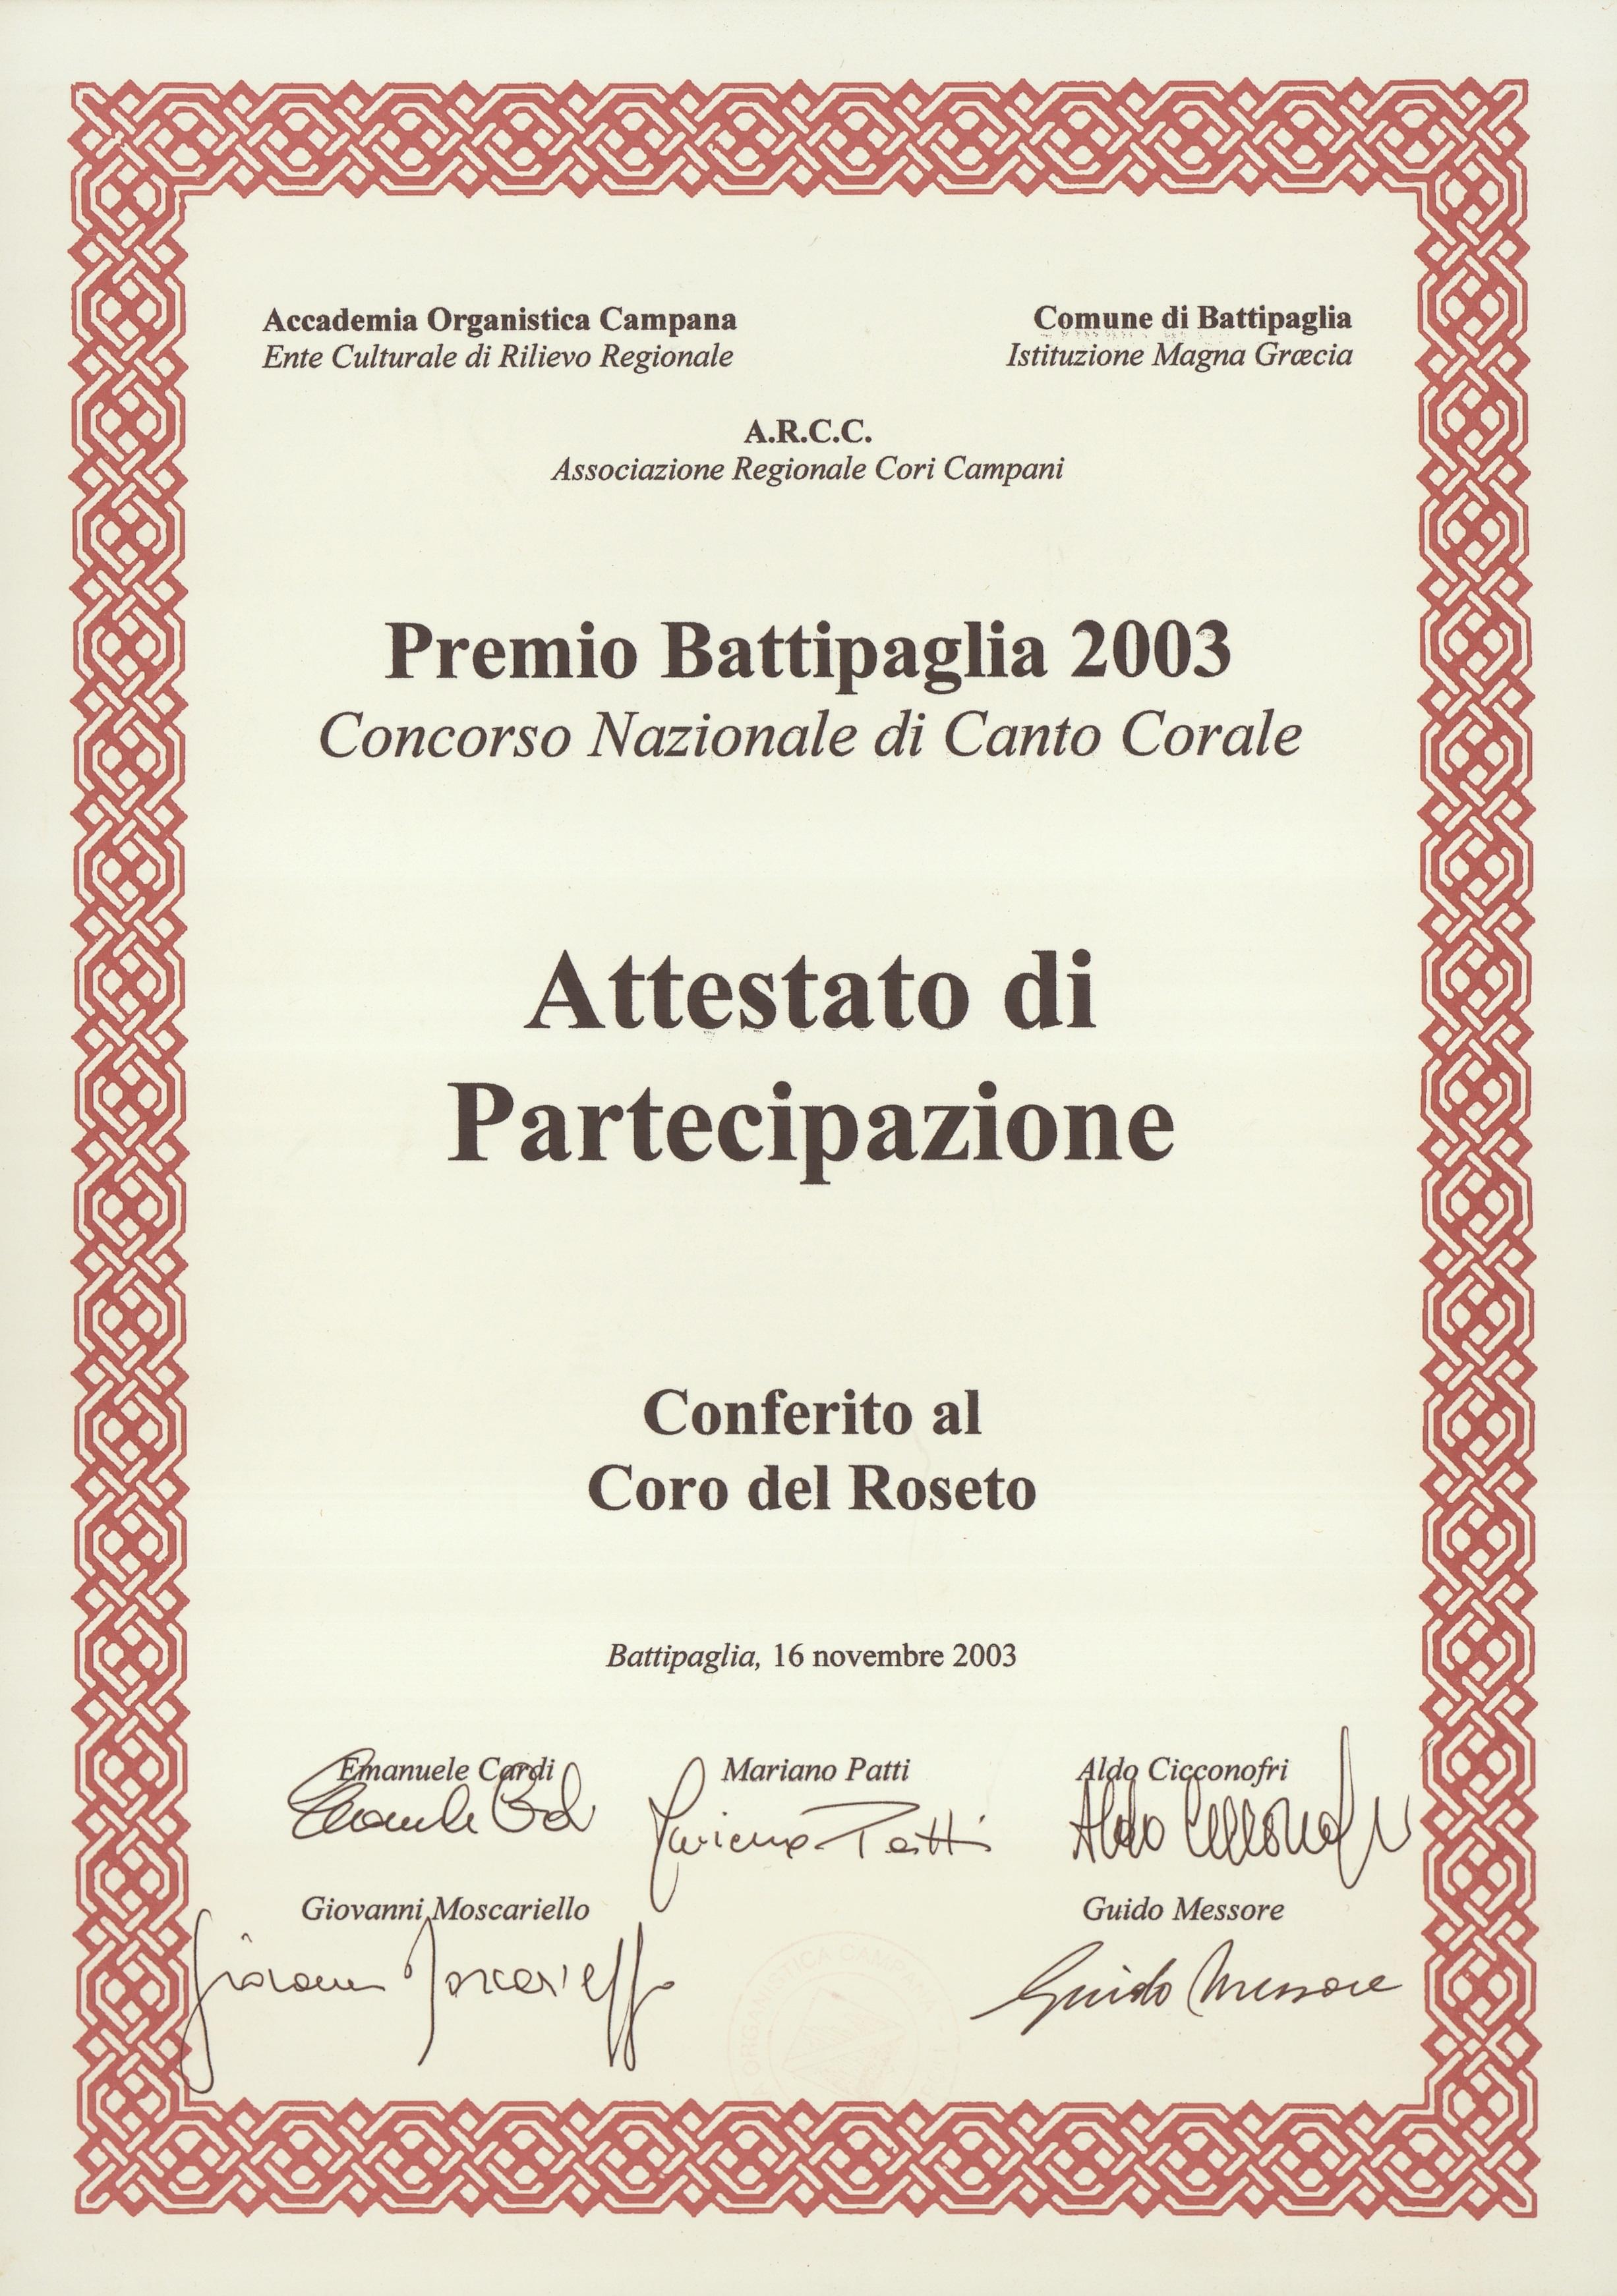 Battipaglia 2003